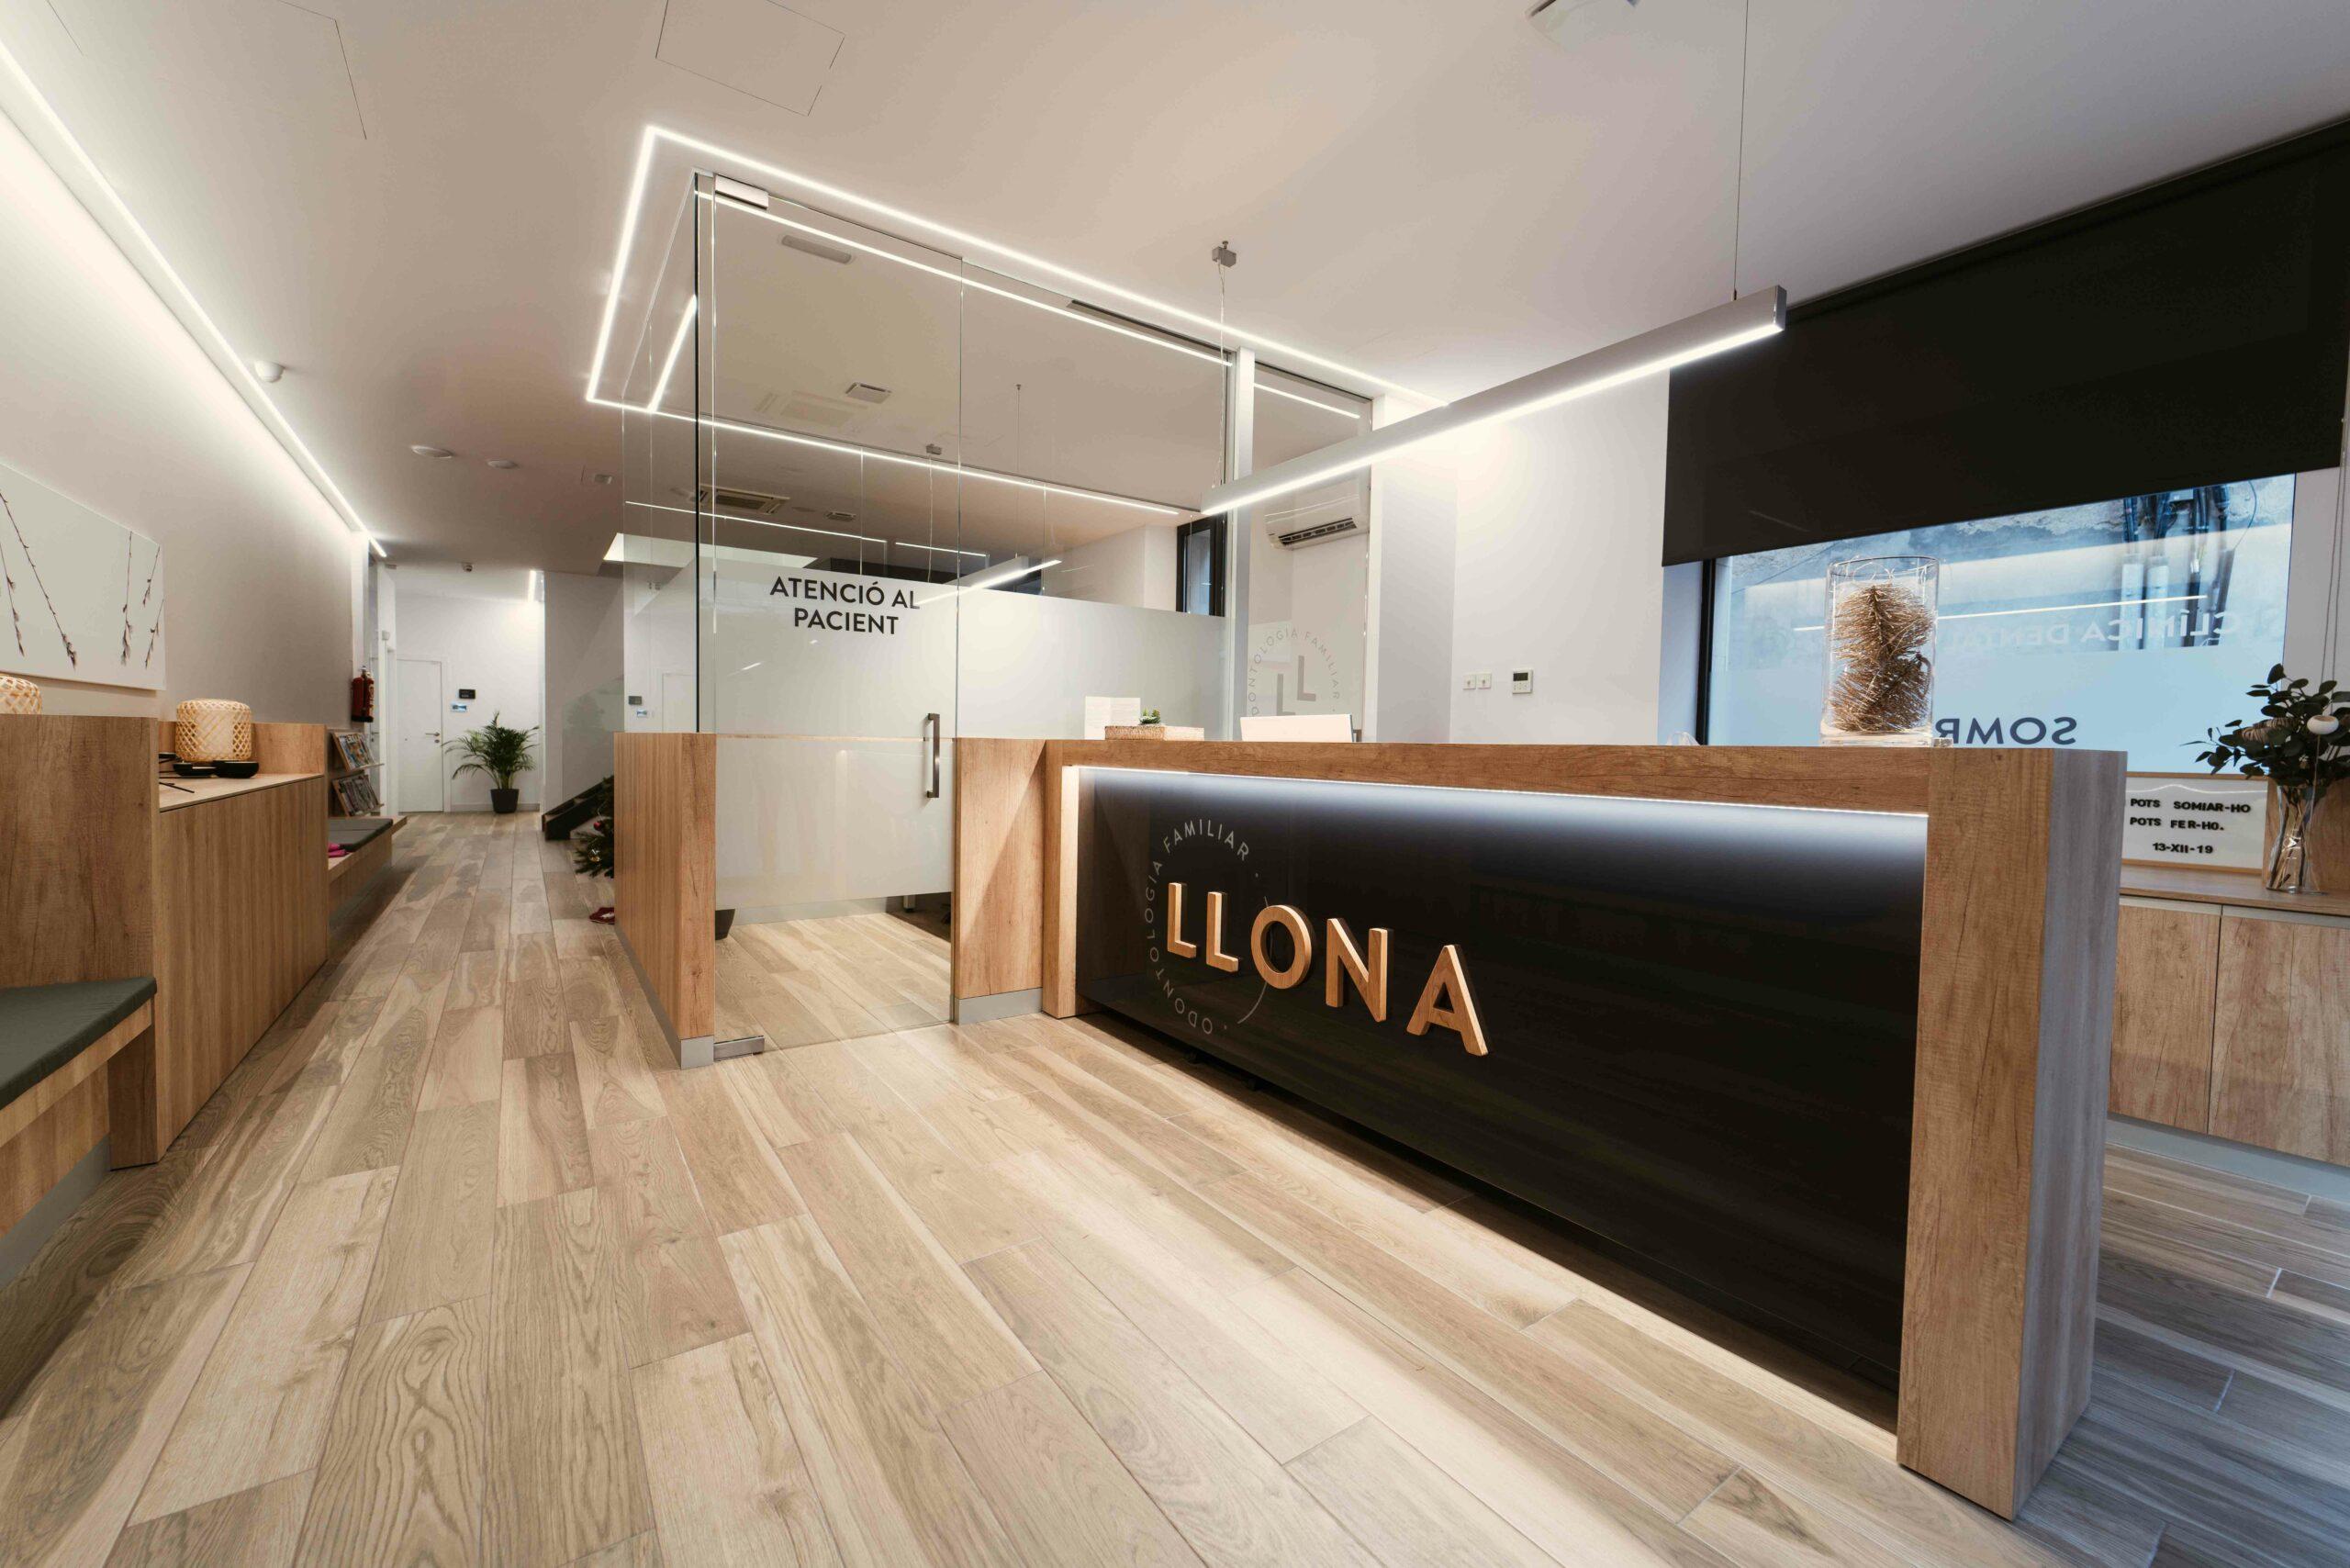 Instal.lacions Clinica Dental Llona